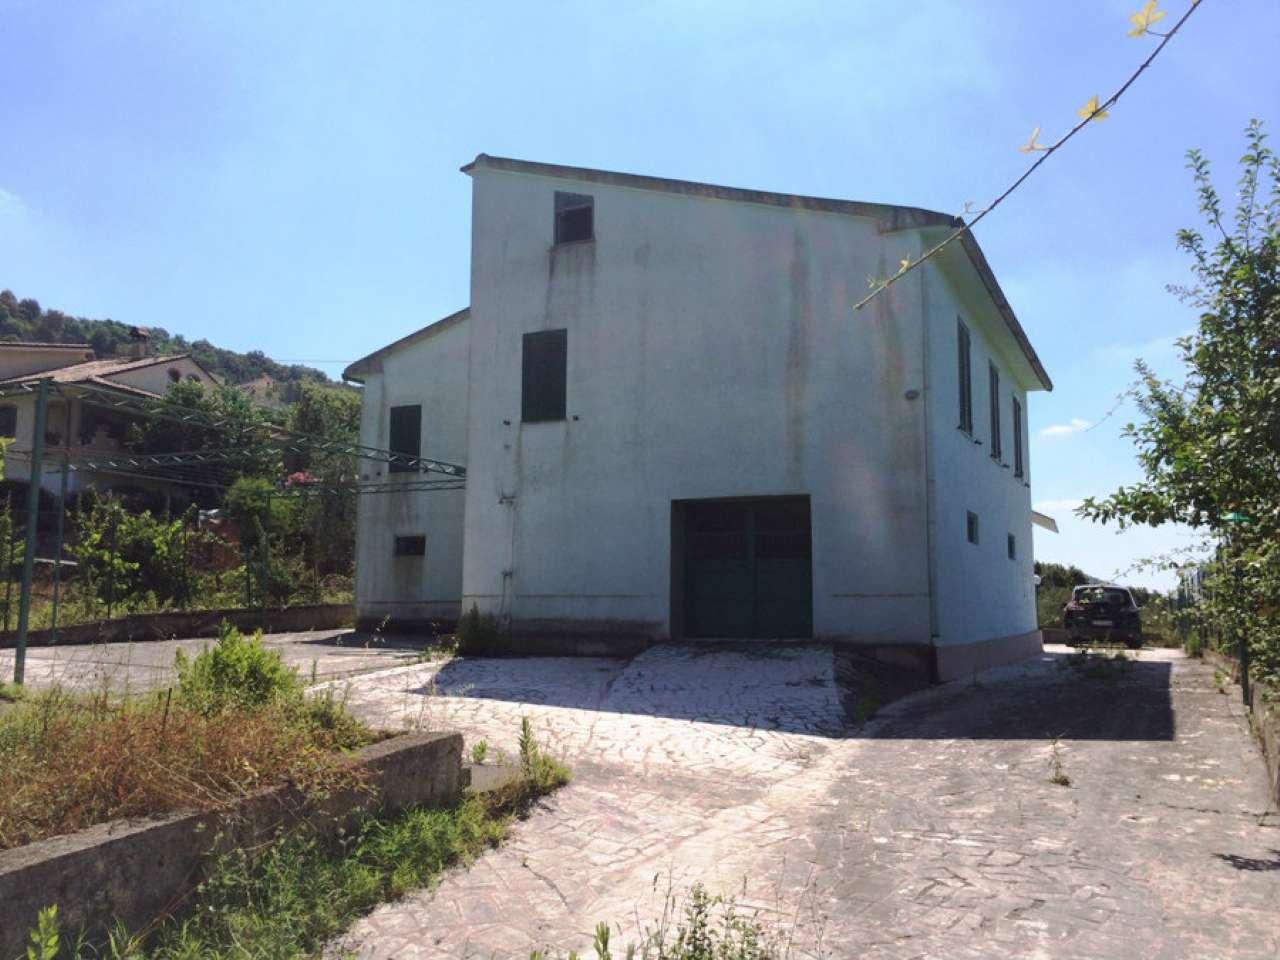 Appartamento in vendita a Santi Cosma e Damiano, 4 locali, prezzo € 120.000 | Cambio Casa.it